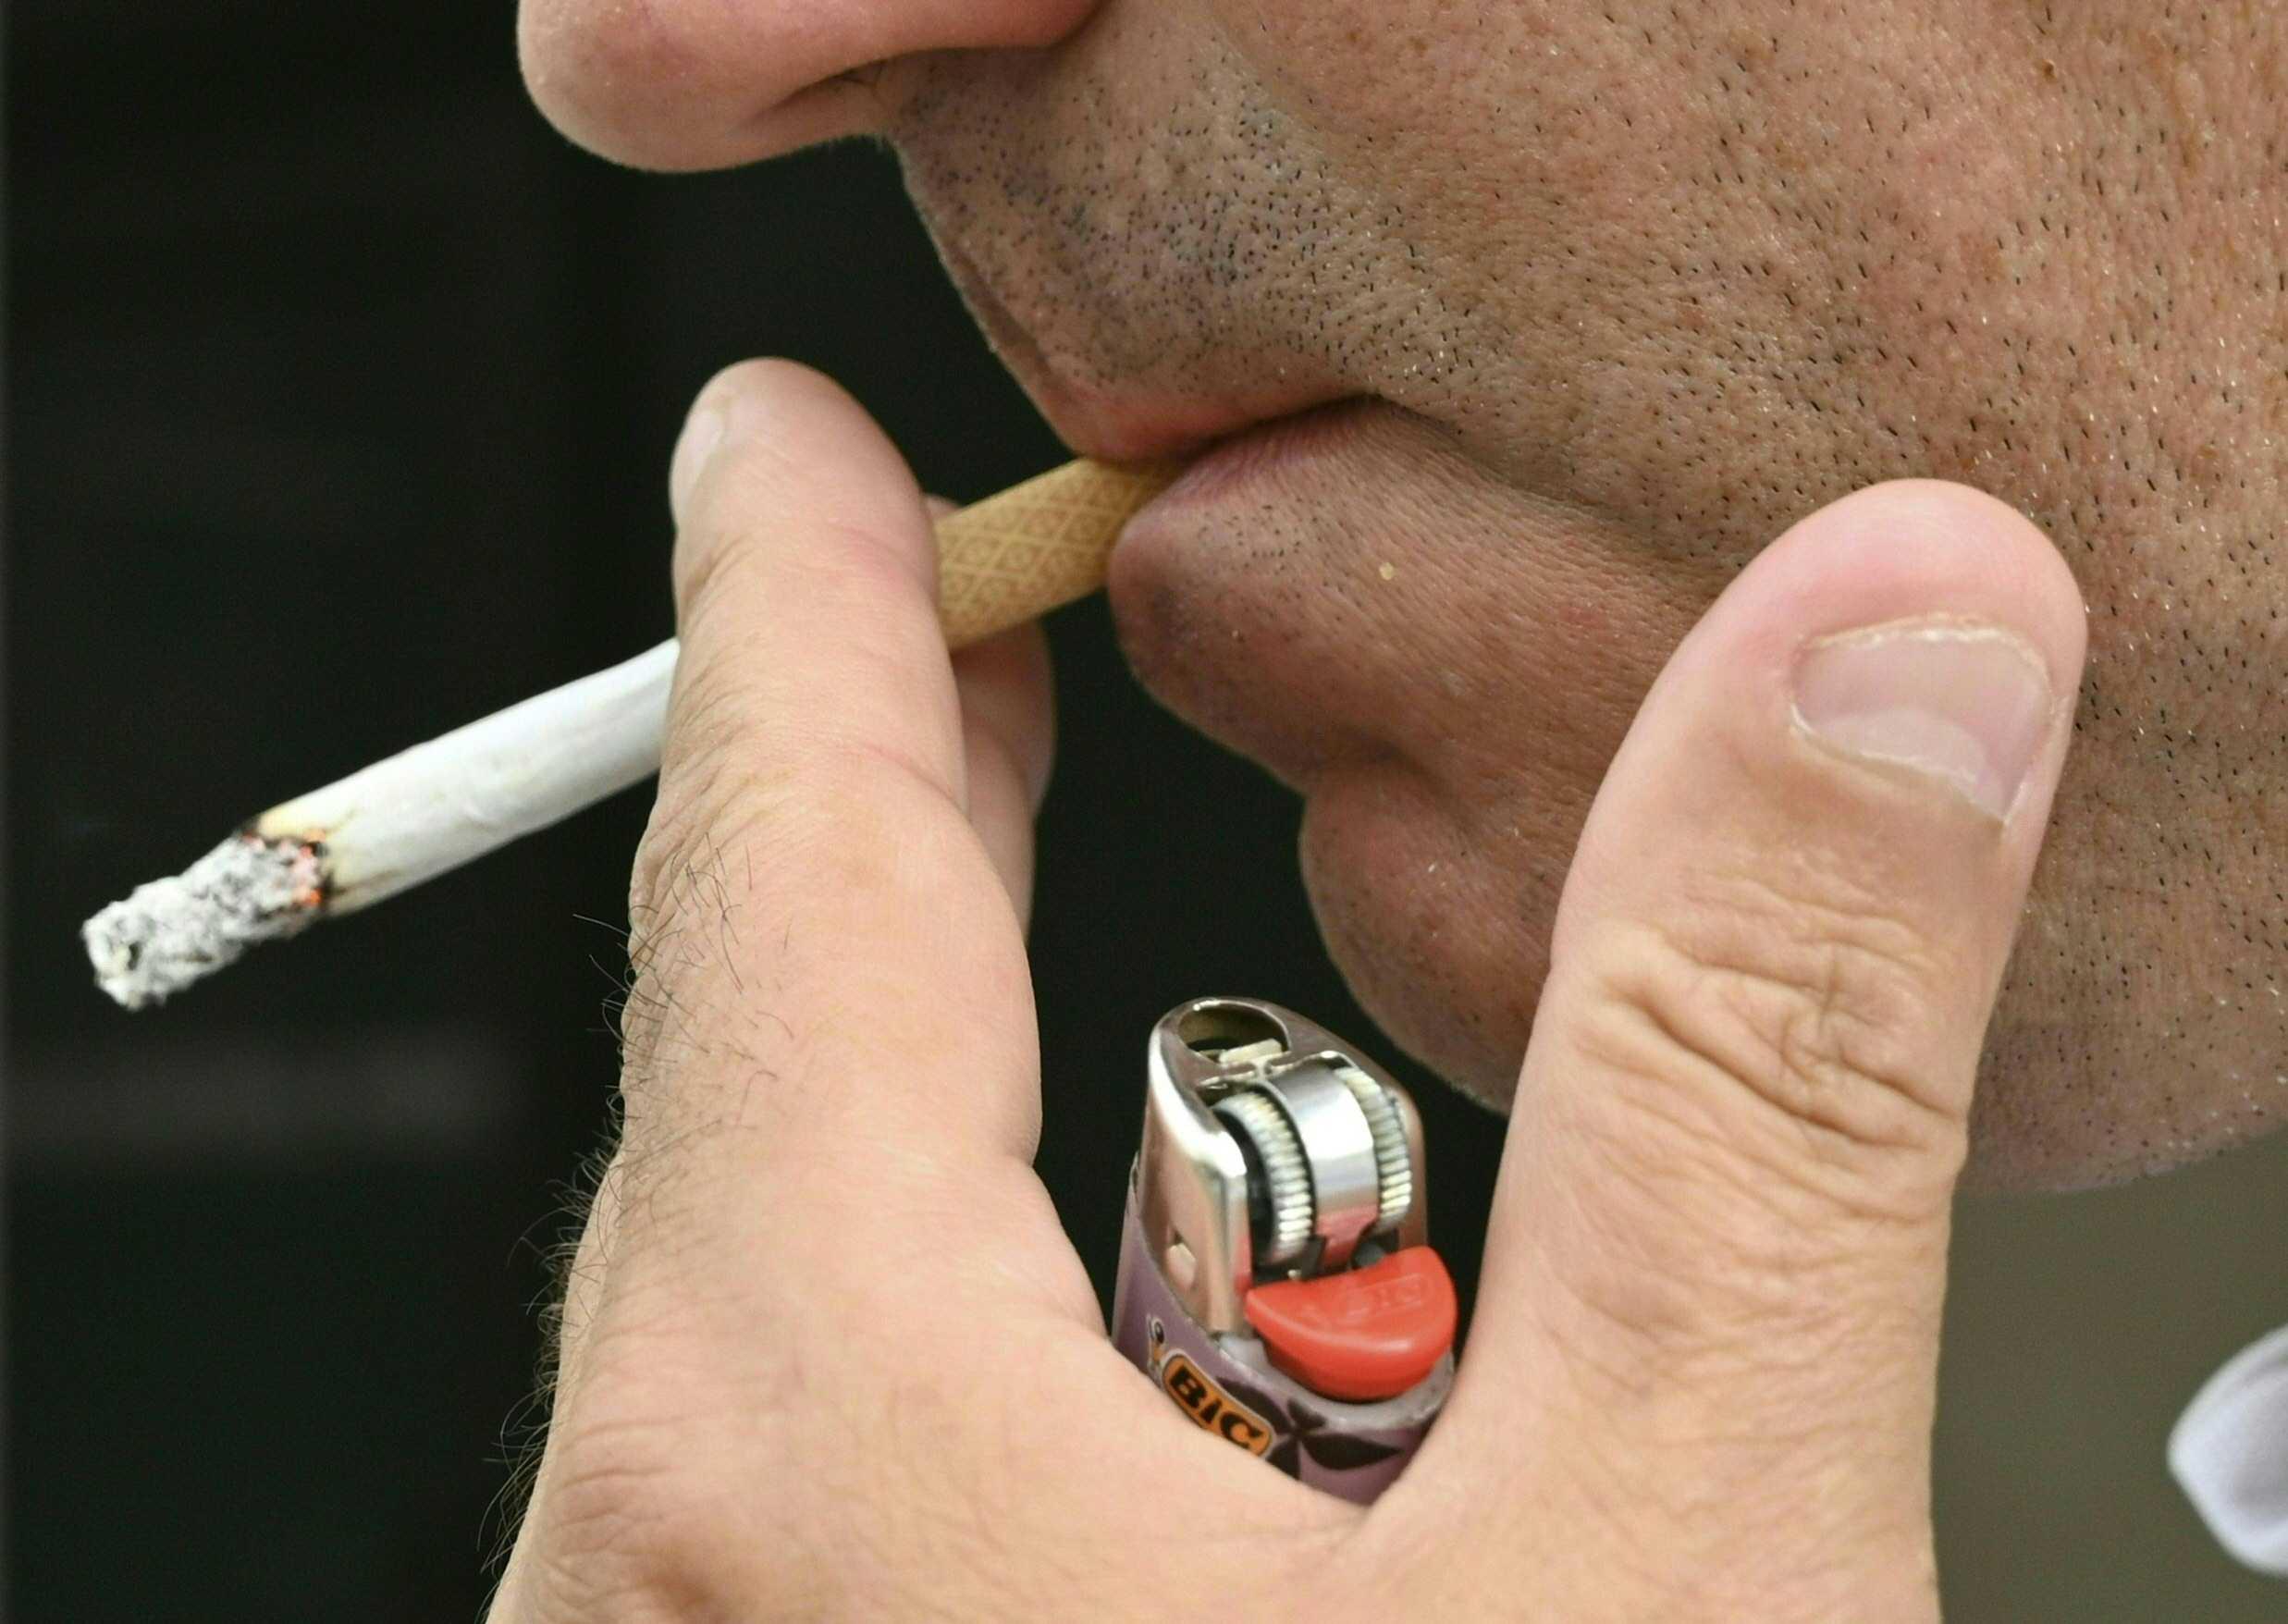 سلطات غاليسيا تمنع التّدخين في الشّوارع وأرصفة المقاهي لوقف تفشّي كورونا